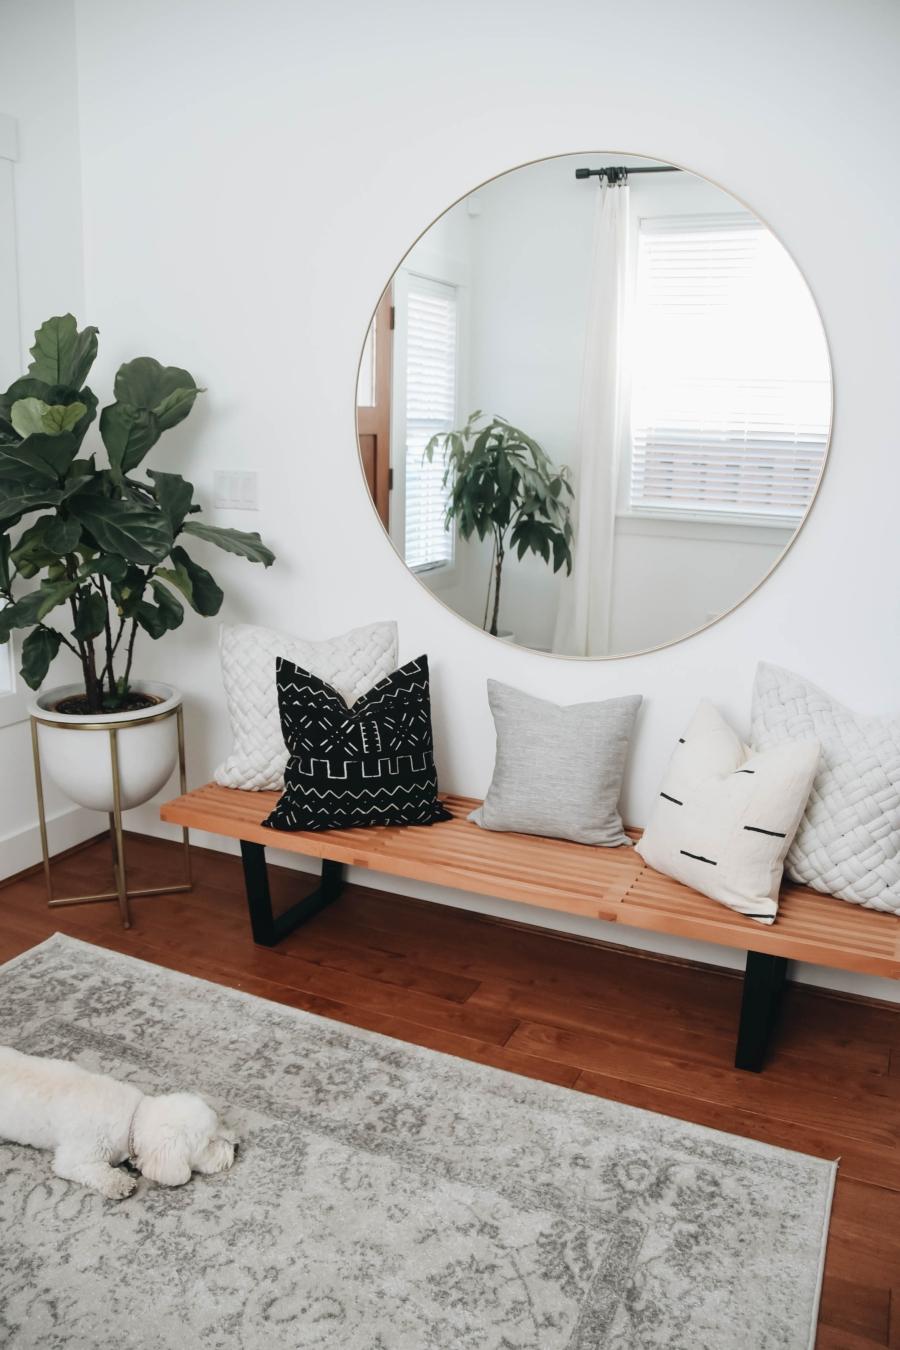 Proste i przytulne wnętrze w bieli, wystrój wnętrz, wnętrza, urządzanie domu, dekoracje wnętrz, aranżacja wnętrz, inspiracje wnętrz,interior design , dom i wnętrze, aranżacja mieszkania, modne wnętrza, białe wnętrza, wnętrza w bieli, styl skandynawski, minimalizm, naturalne dodatki, jasne wnętrza, przedpokój, ława drewniana